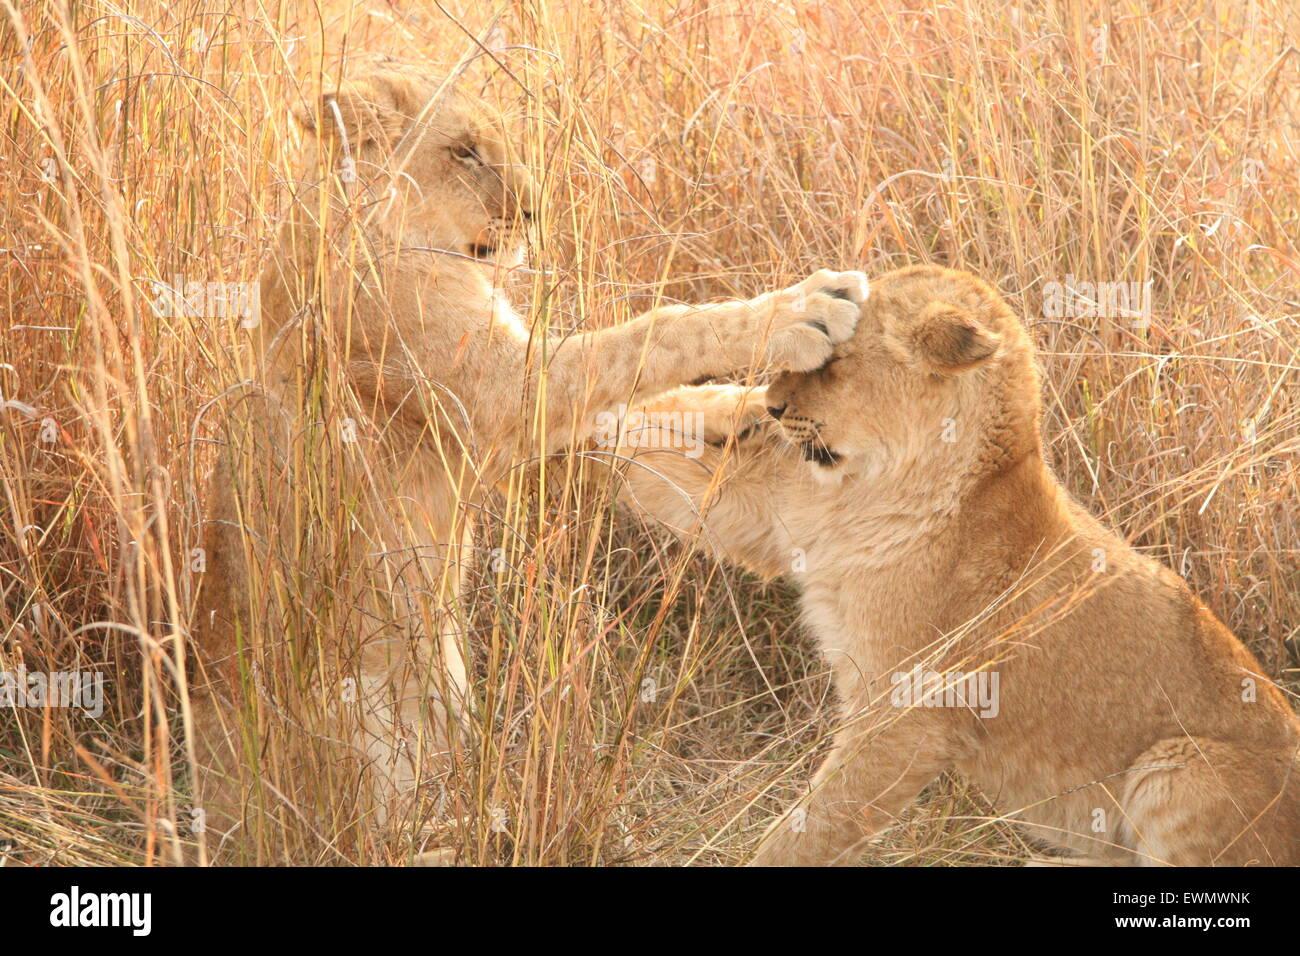 Des lionceaux jouer combats, Afrique du Sud Photo Stock